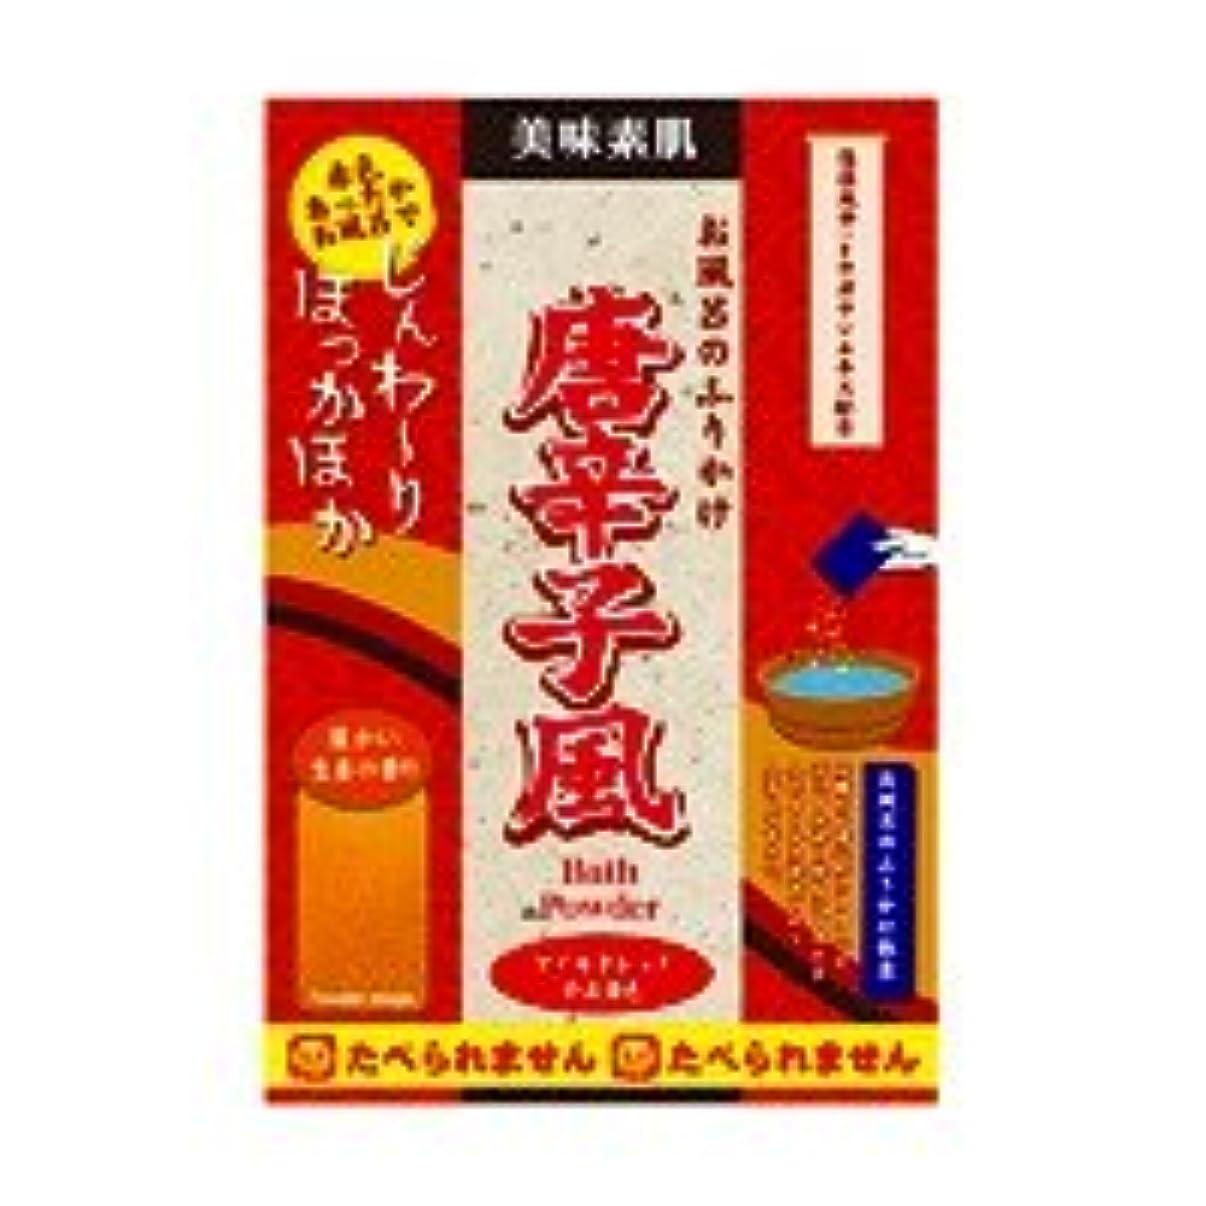 アルネセーターメナジェリーお風呂のふりかけ「トウガラシ」12個セット マイルドレッドのお湯 温かい生姜の香り